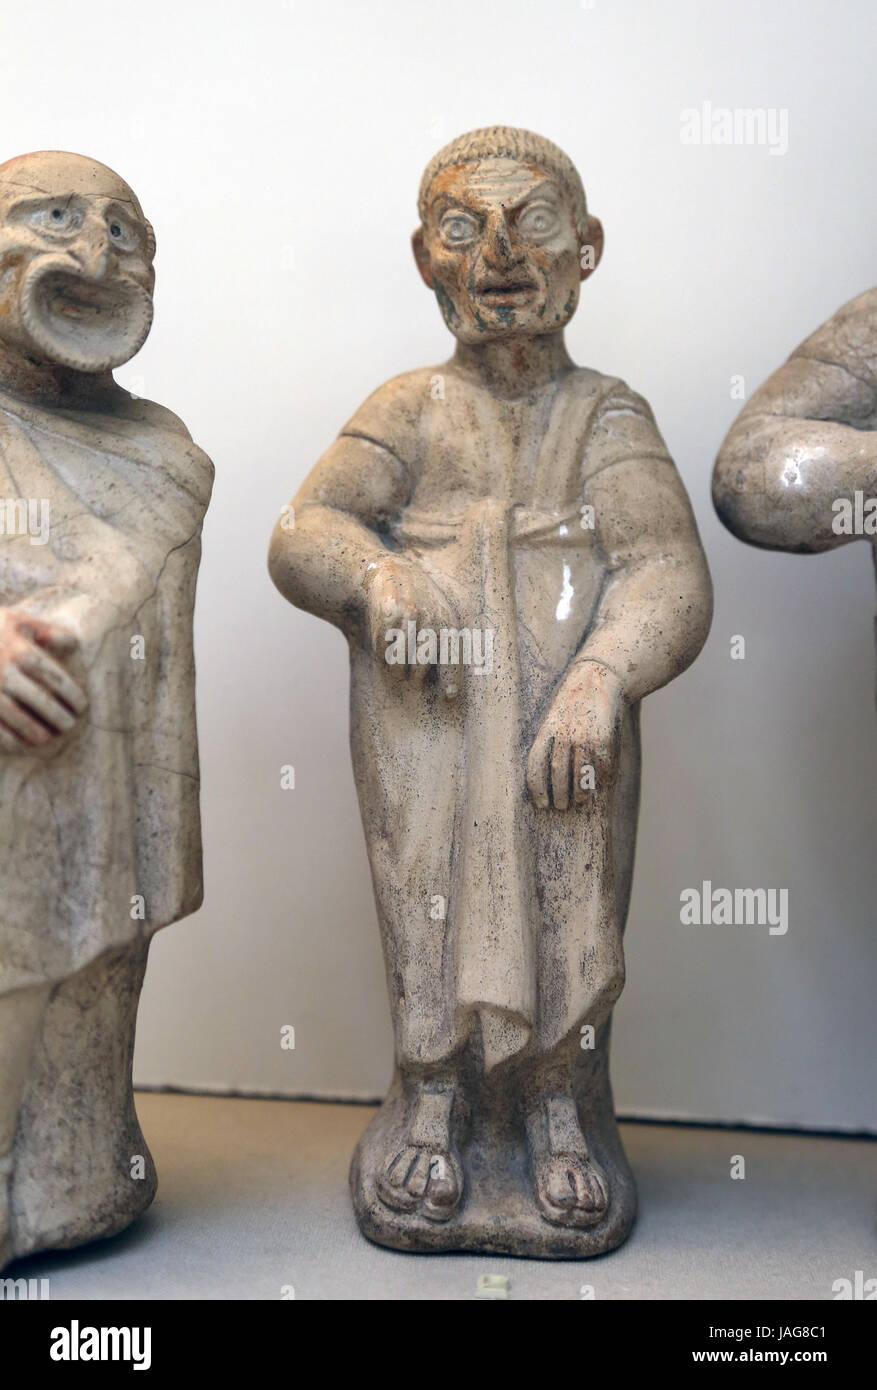 Figura de terracota de actor cómico. Etrusco. 2º ciento. BC. Canino, Italia. Actor vistiendo máscara Imagen De Stock